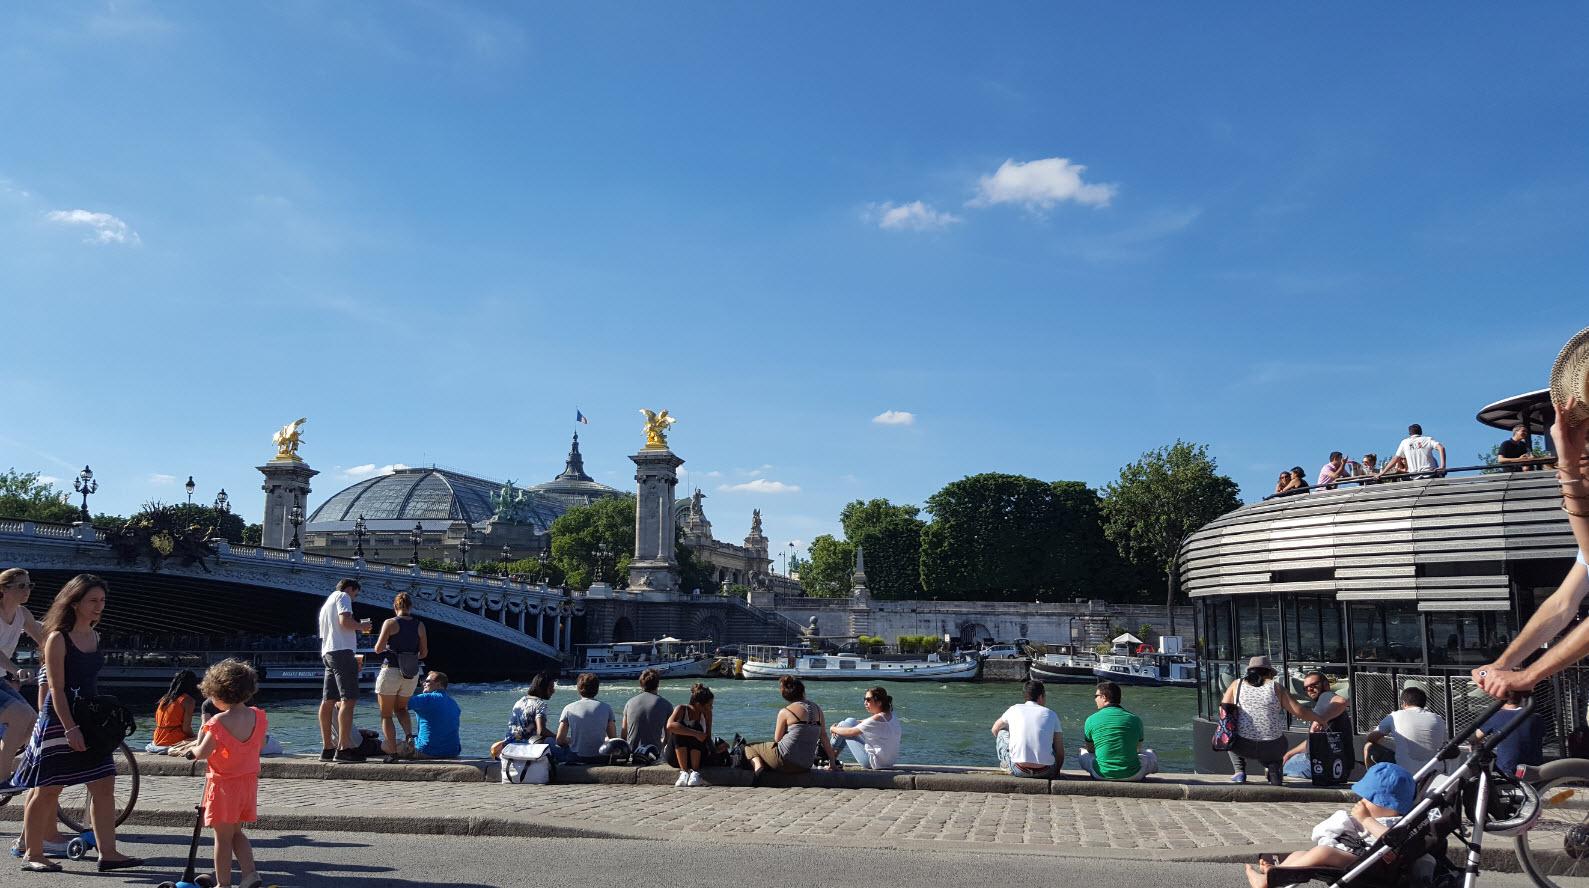 Vue depuis mon transat au bord de la Seine